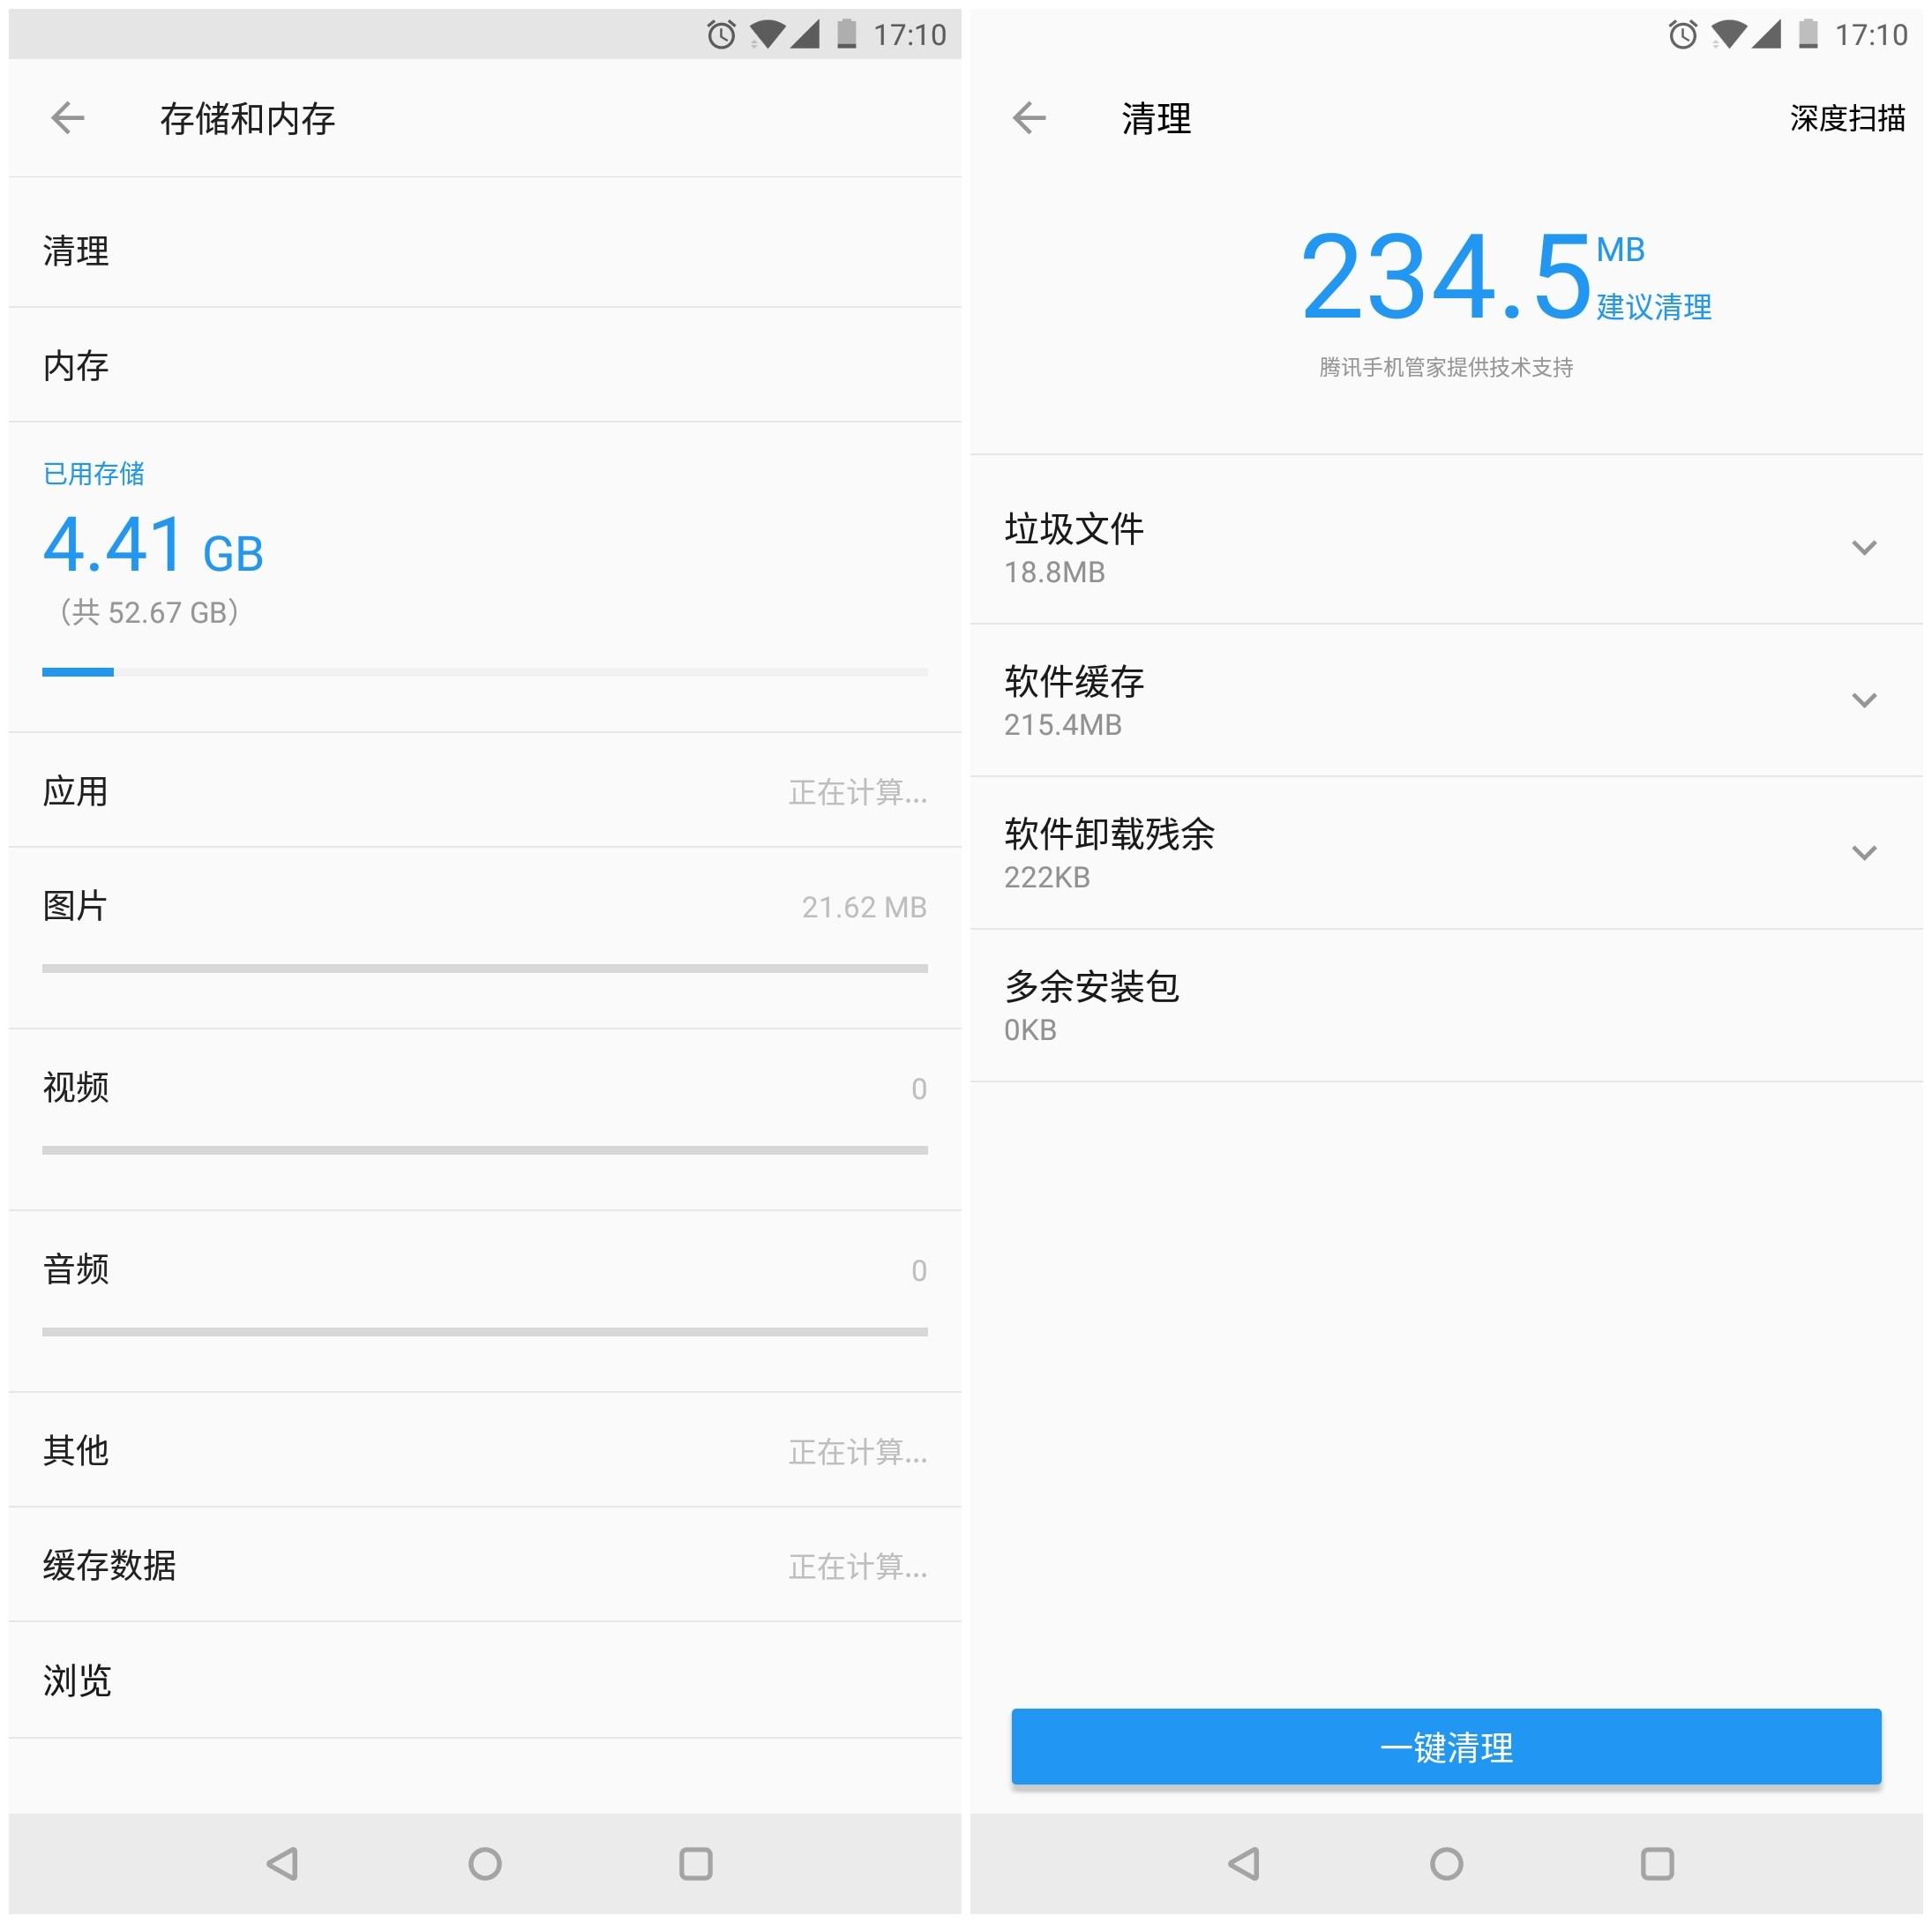 screenshot_20171210-171022_副本.jpg